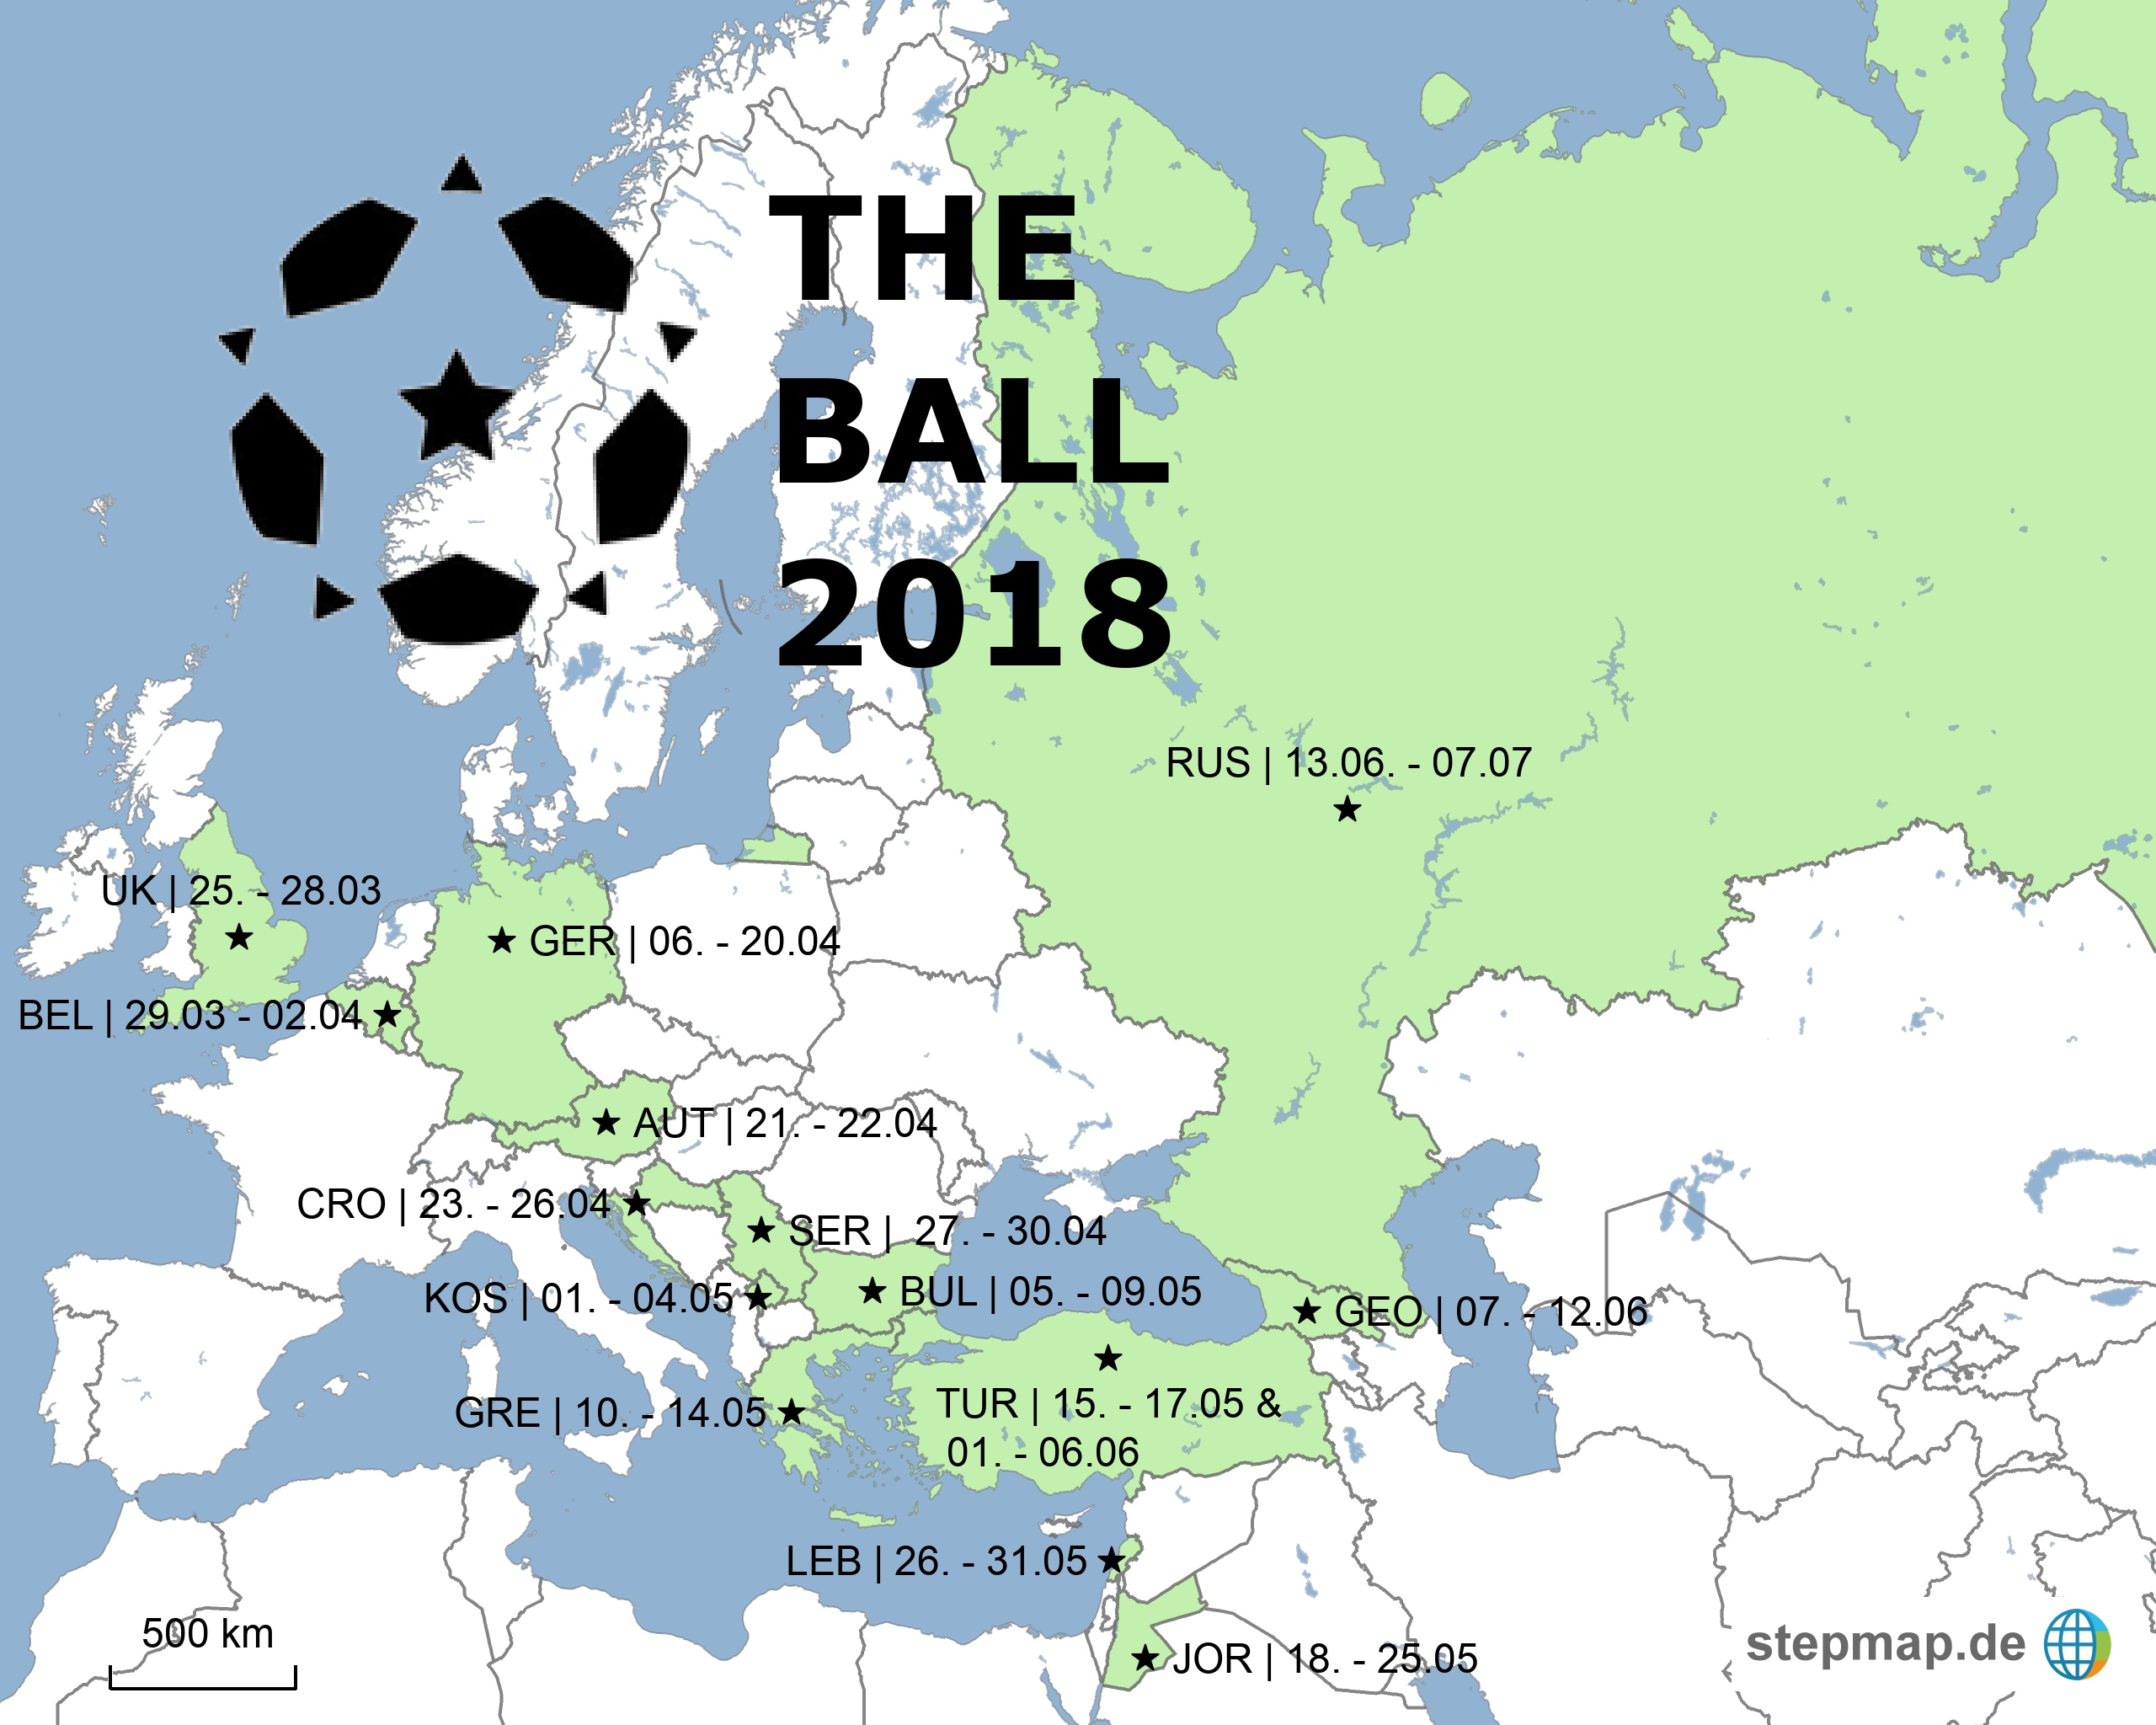 The Ball 2018 auf seinem Weg von London nach Moskau